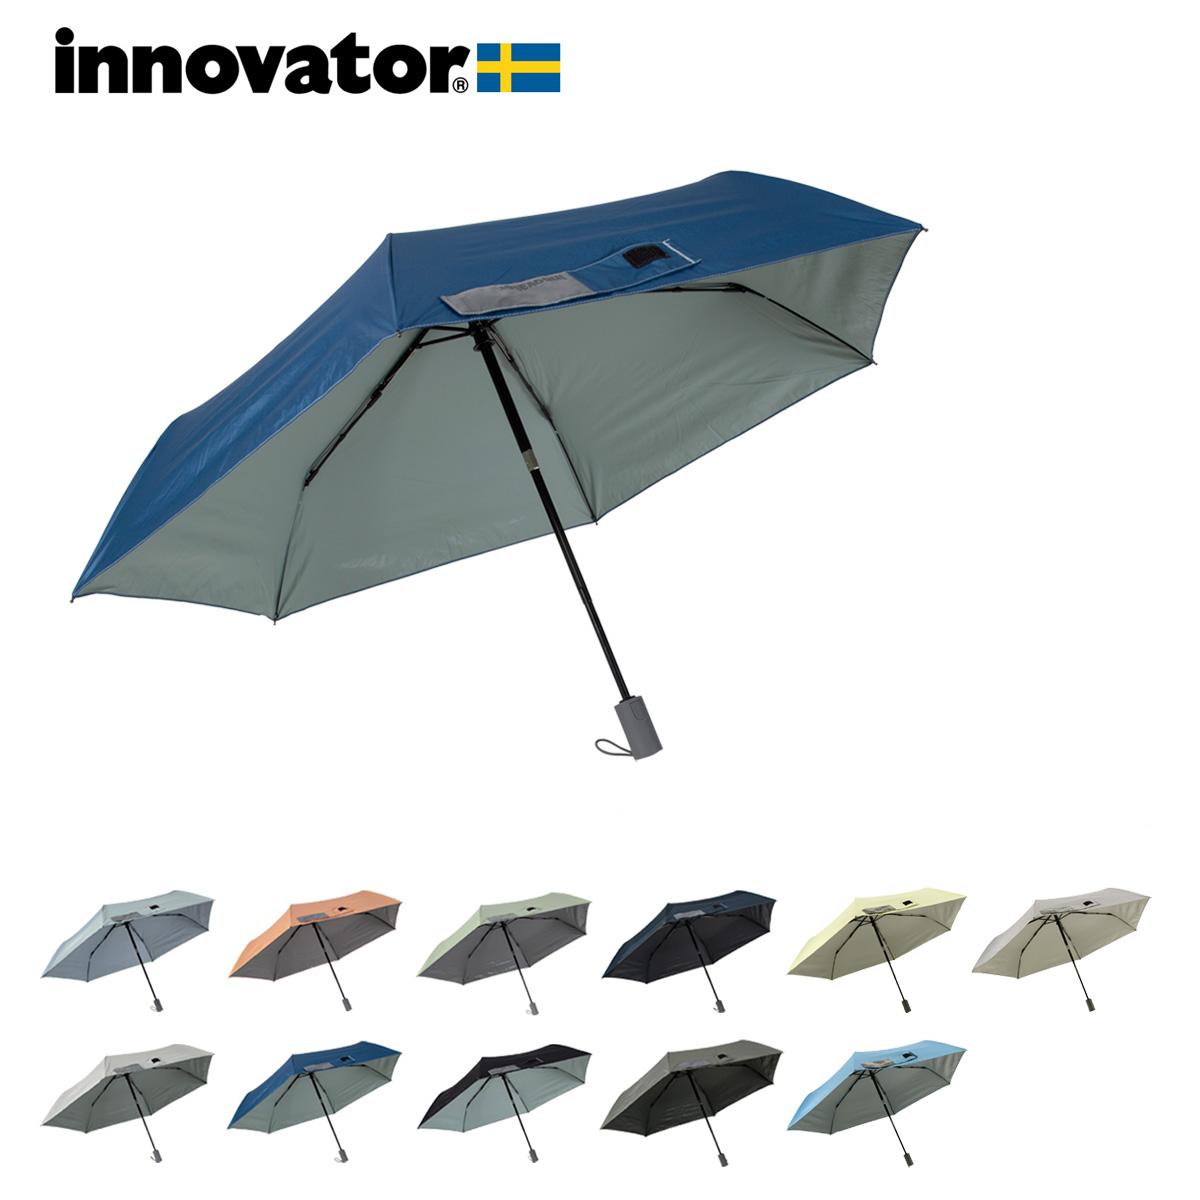 送料無料 あす楽 全品10倍 9 20 月 商品 0時~24H限定 イノベーター 折りたたみ傘 55cm 晴雨兼用 自動開閉傘 ジャンプ式 雨傘 激安通販 遮光率99%以上 PO10 bef 即日発送 日傘 撥水 おしゃれ ワンタッチ 北欧 IN-55WJP UVカット コロナ対策 innovator